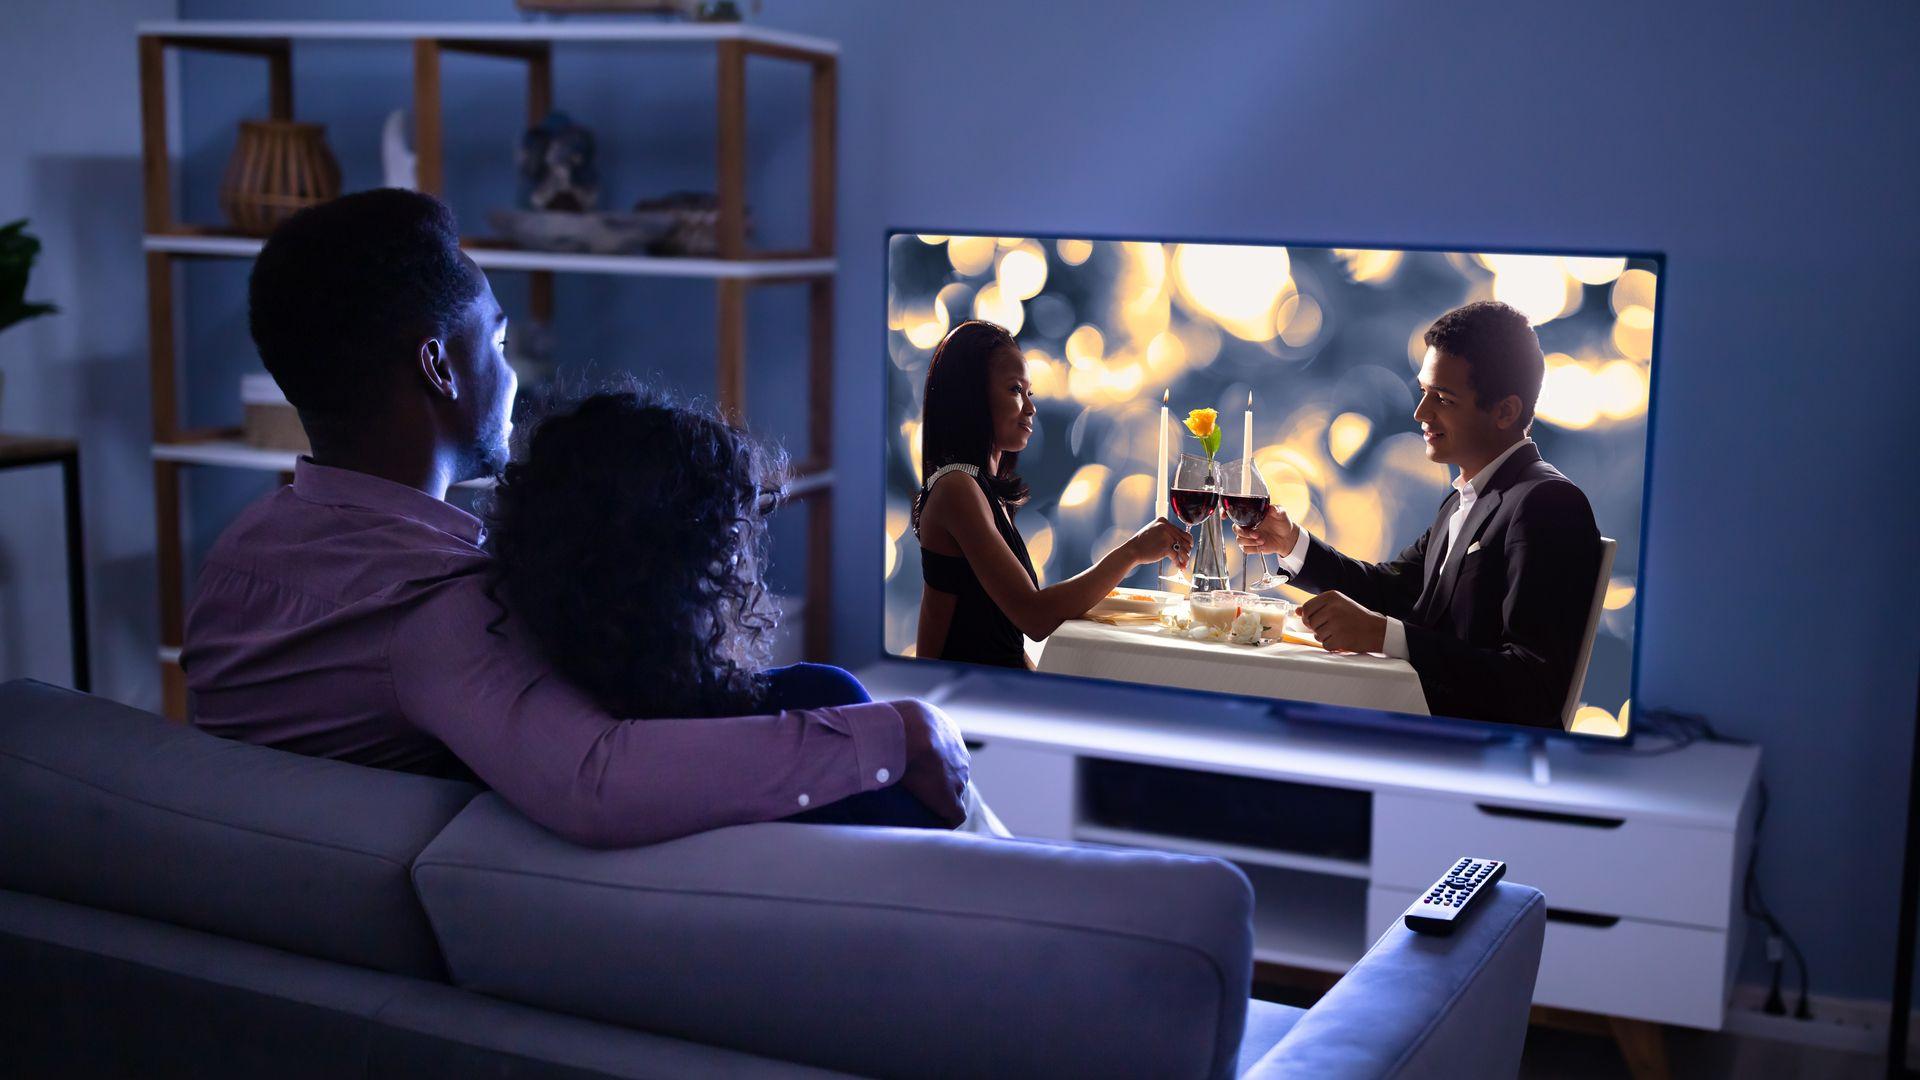 Além da resolução 4K, as TVs chegam com recursos que melhores as imagens. (Imagem: Andrey_Popov/Shutterstock)